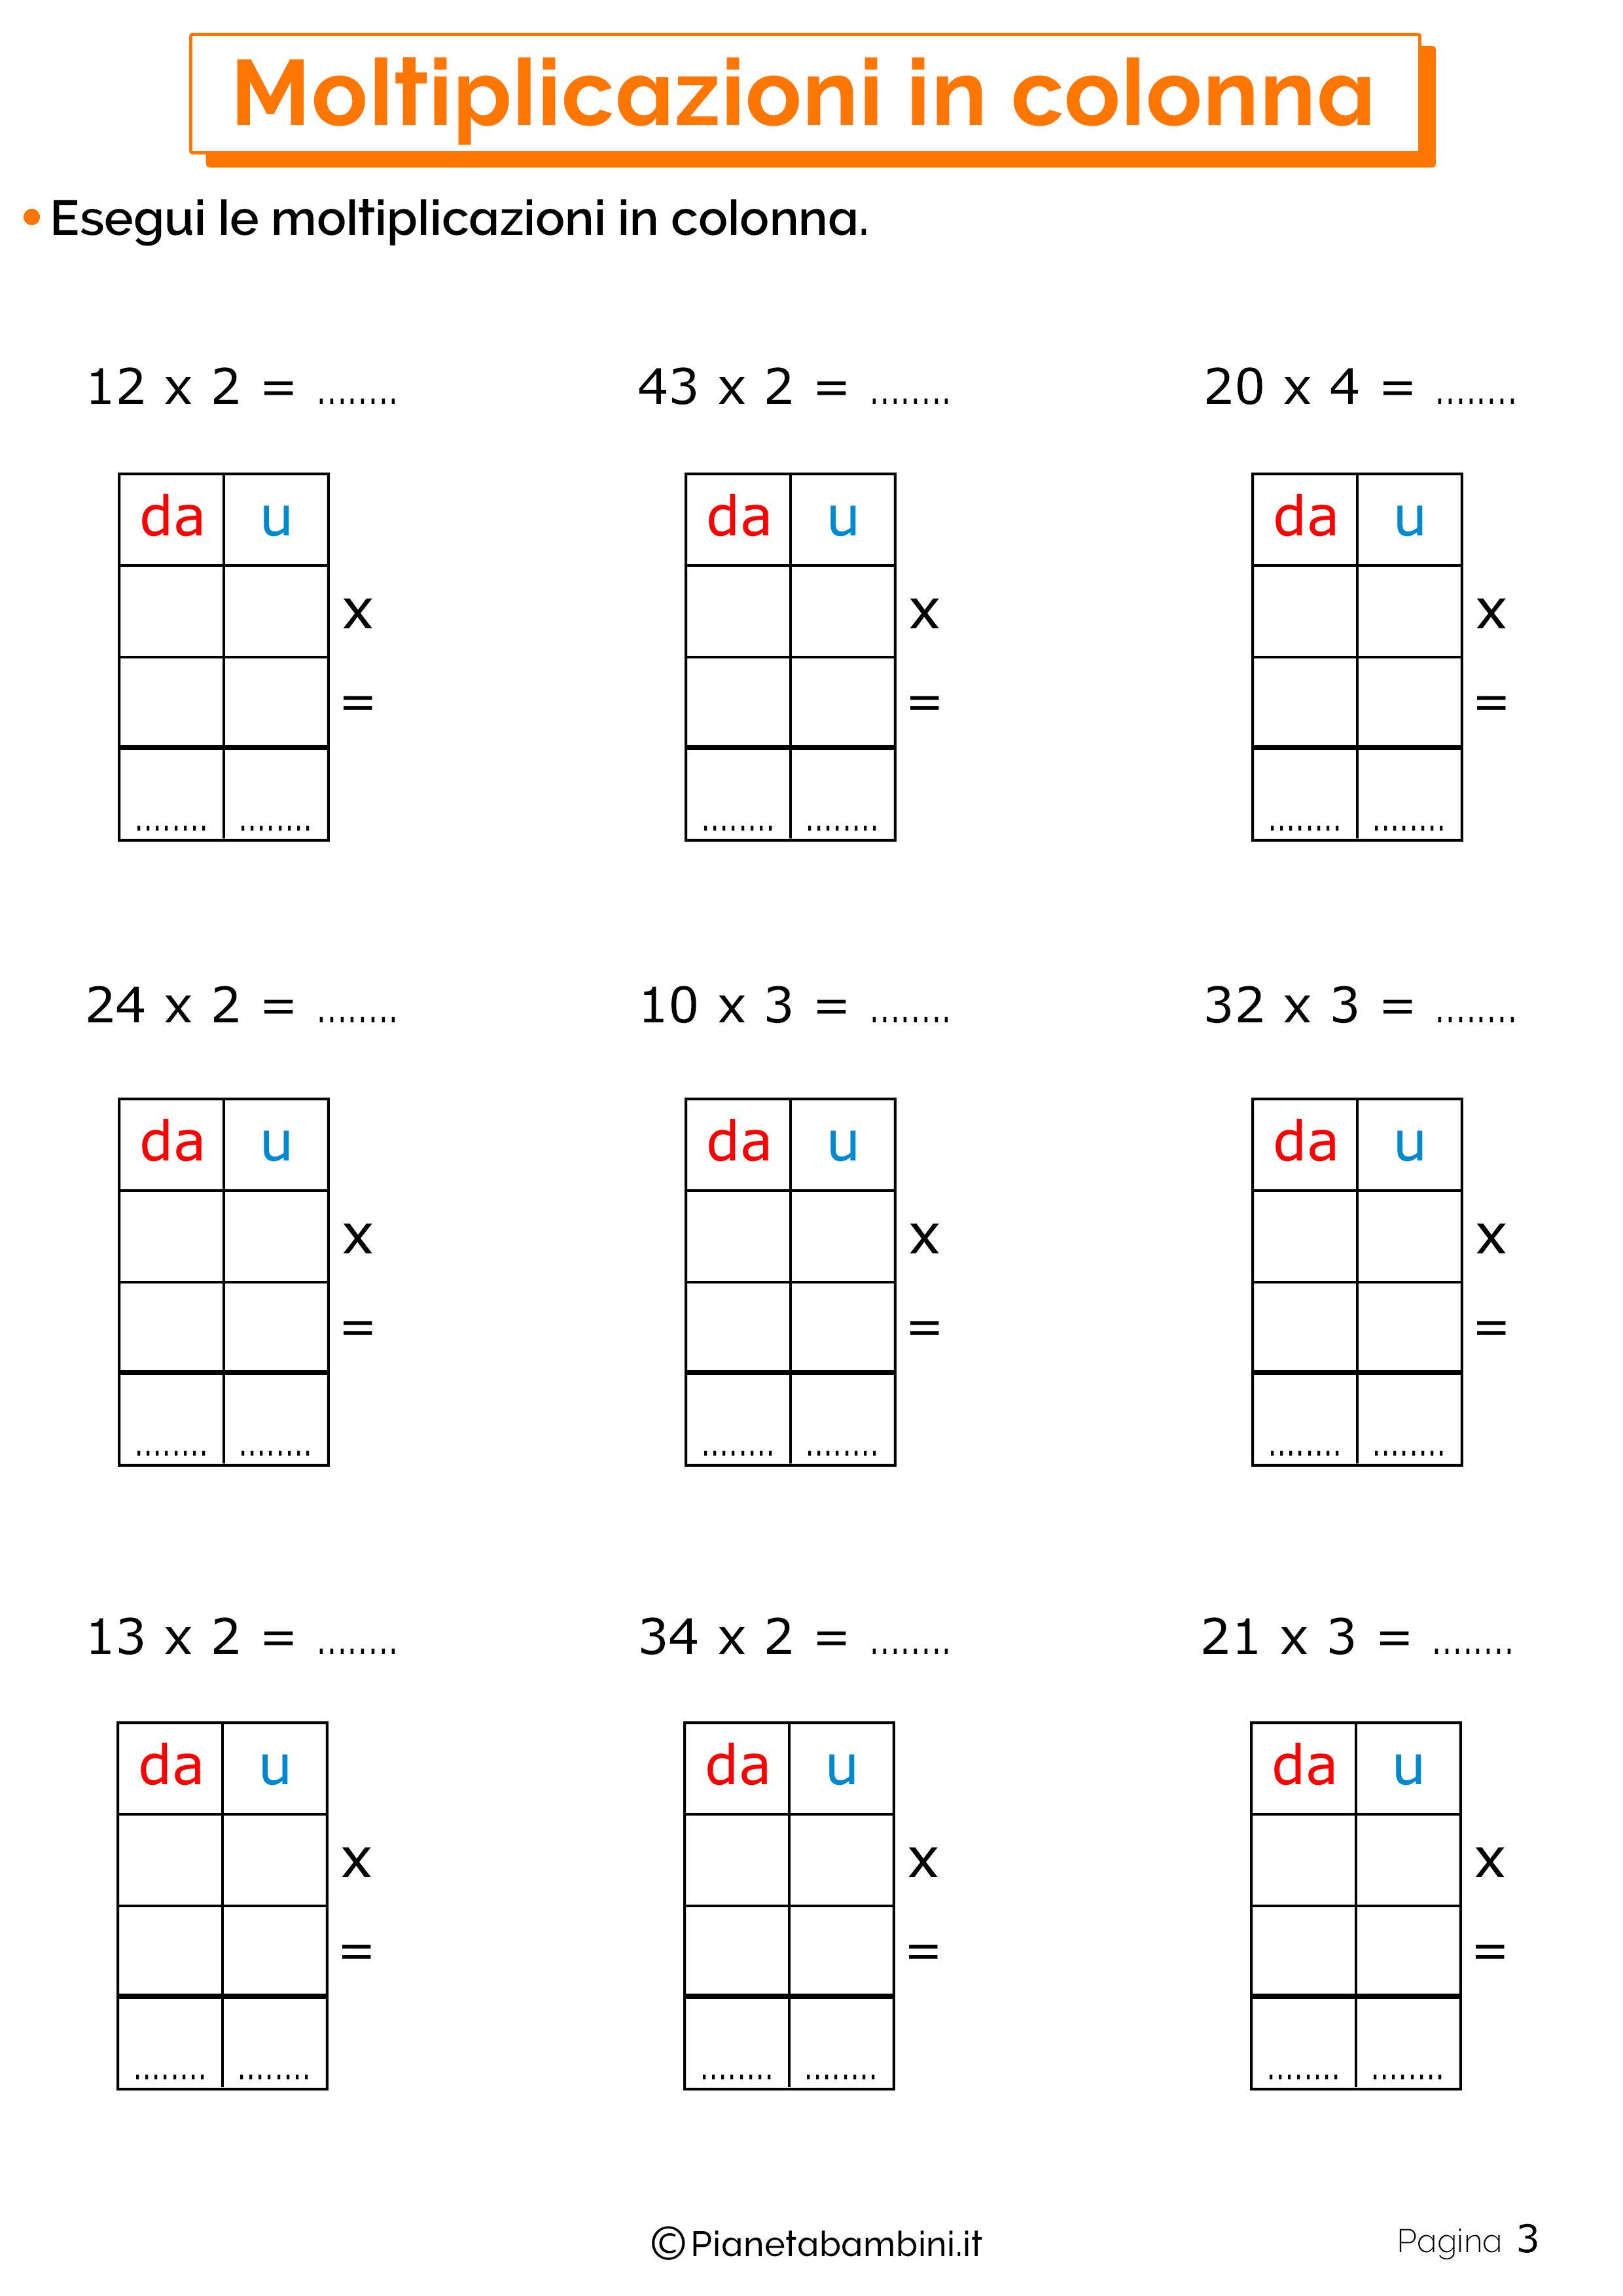 Schede didattiche sulle moltiplicazioni in colonna 3